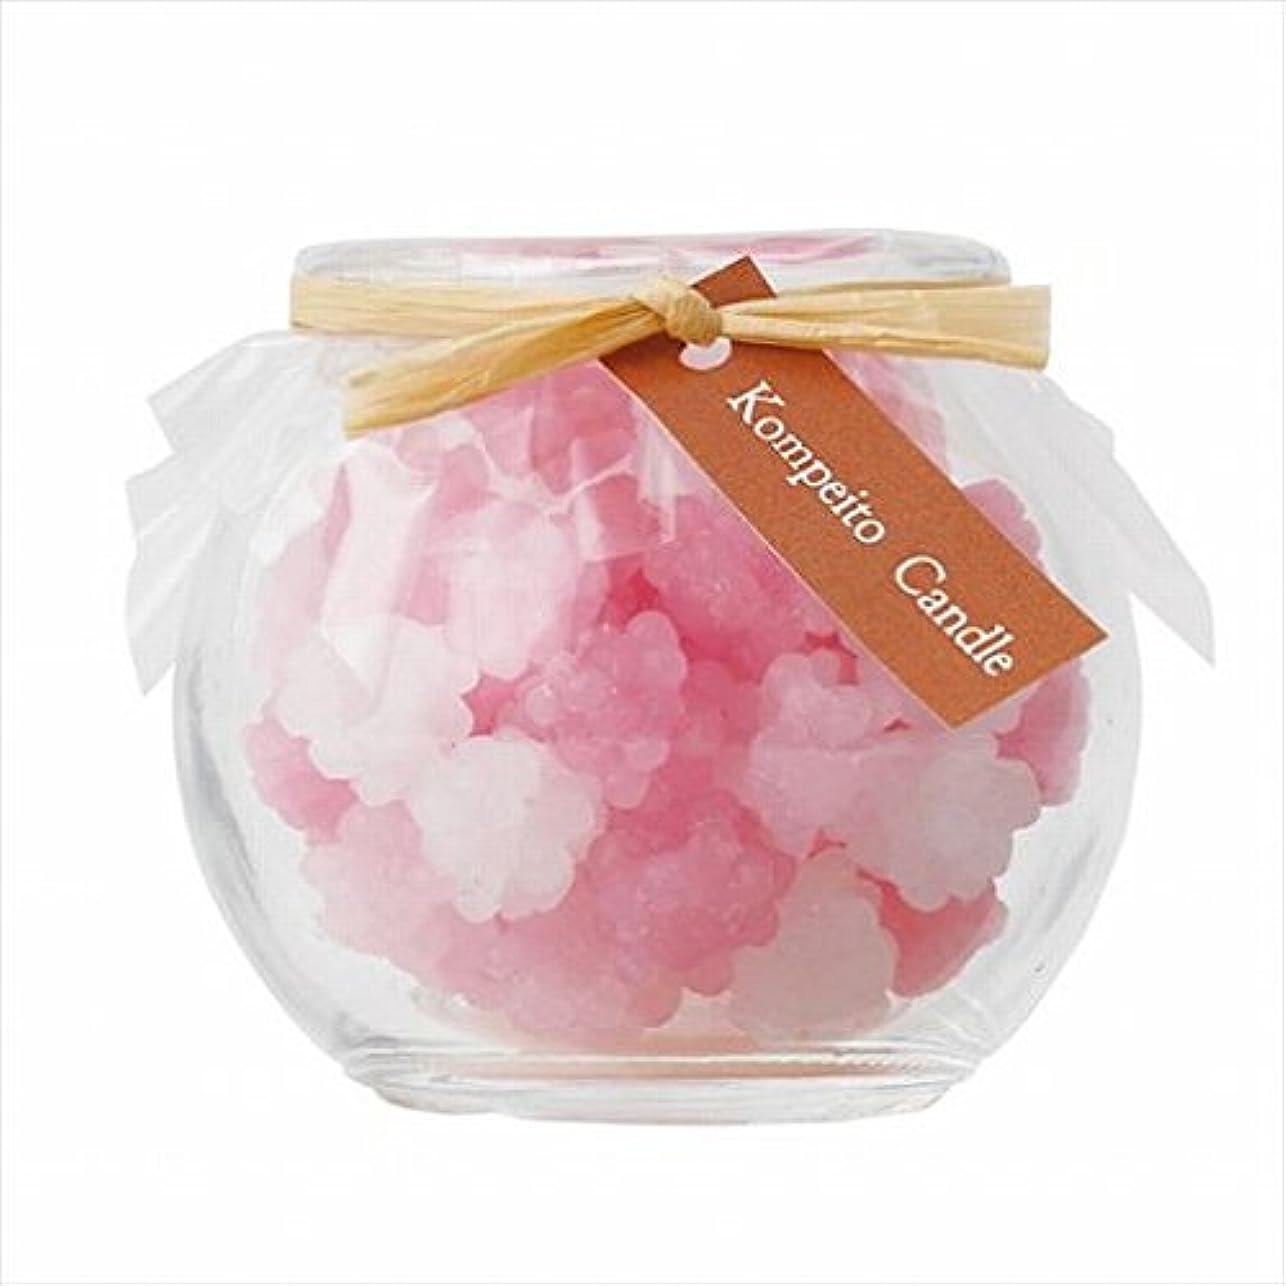 凍結債権者優越sweets candle こんぺいとう 「 ピンク 」